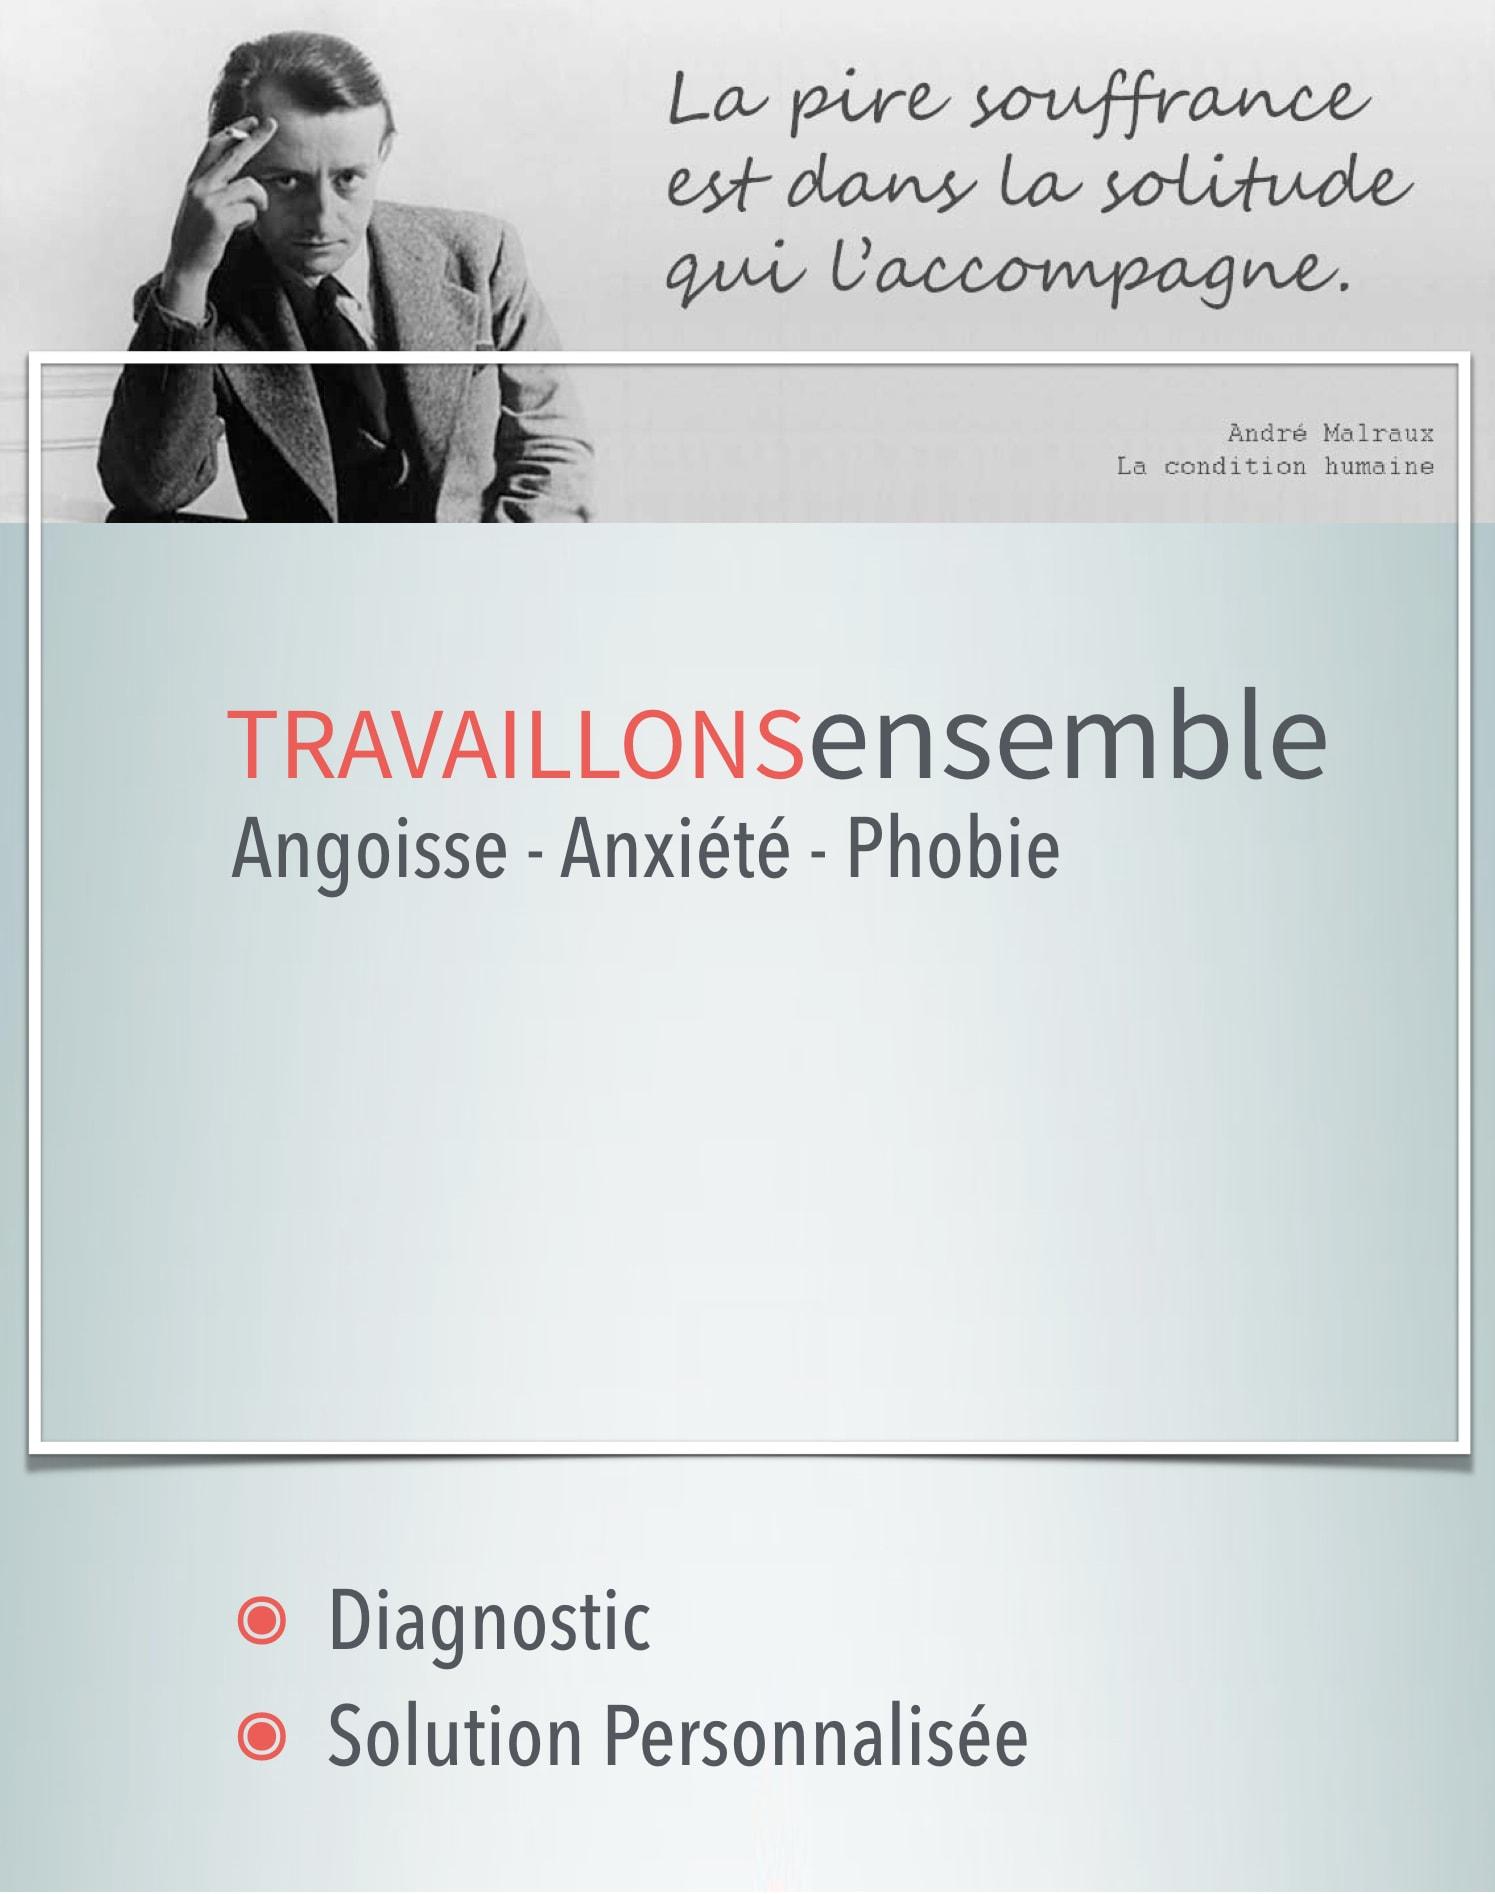 Travaillons Ensemble - Diagnostic & Solution Personnalisée - Angoisse - Anxiété - Phobie